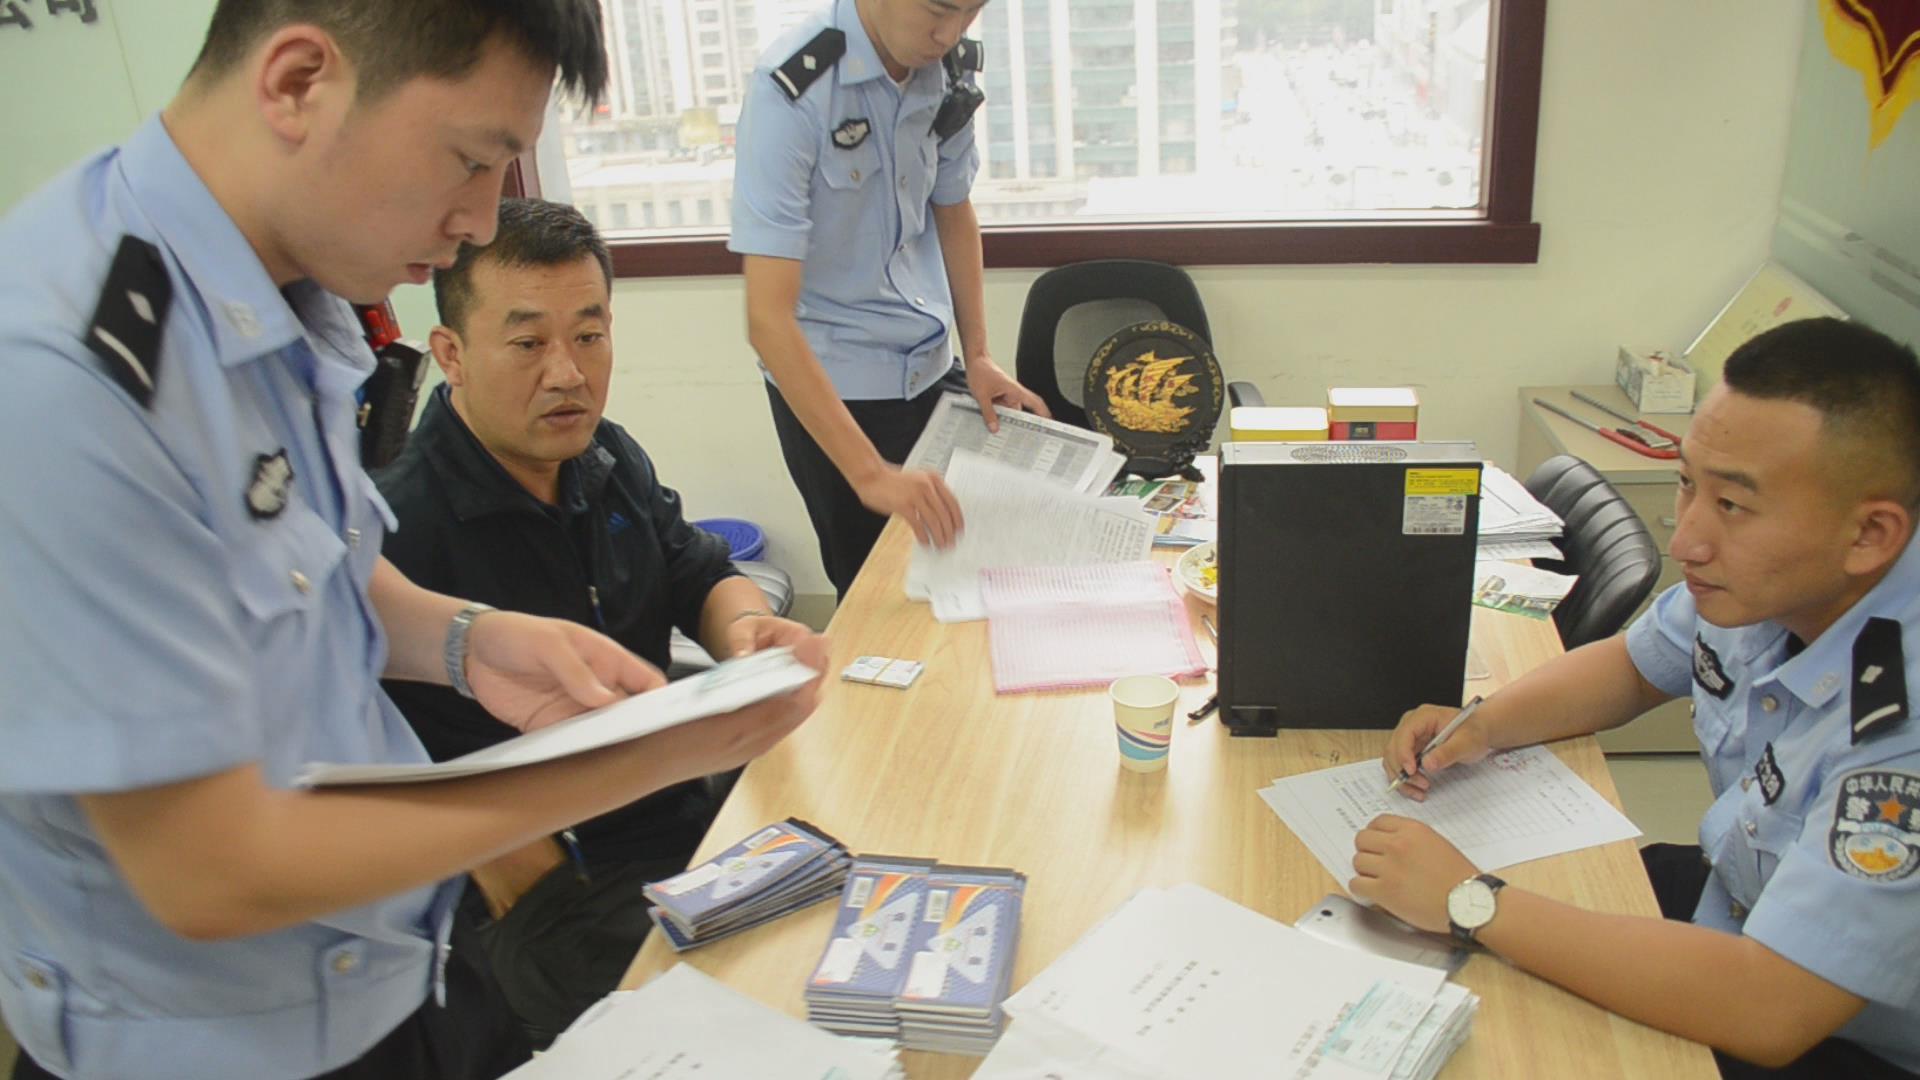 济南铁路警方重拳打击倒票  破案百余起案值两百四十余万元